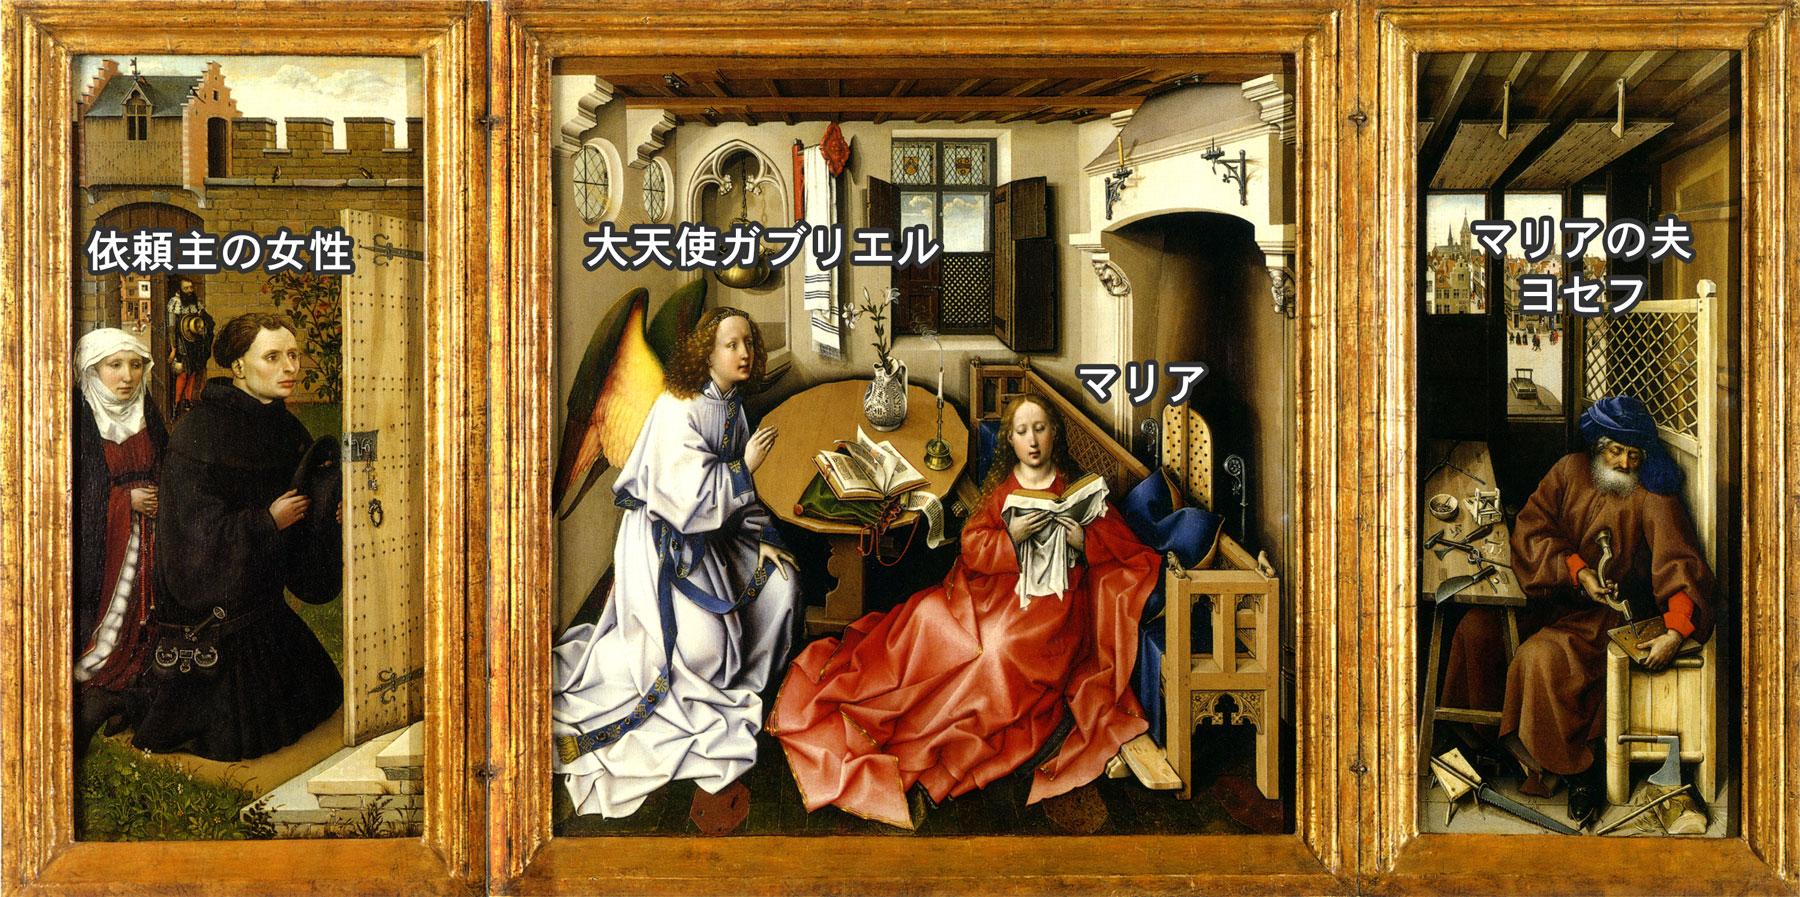 『メロードの祭壇画』の受胎告知